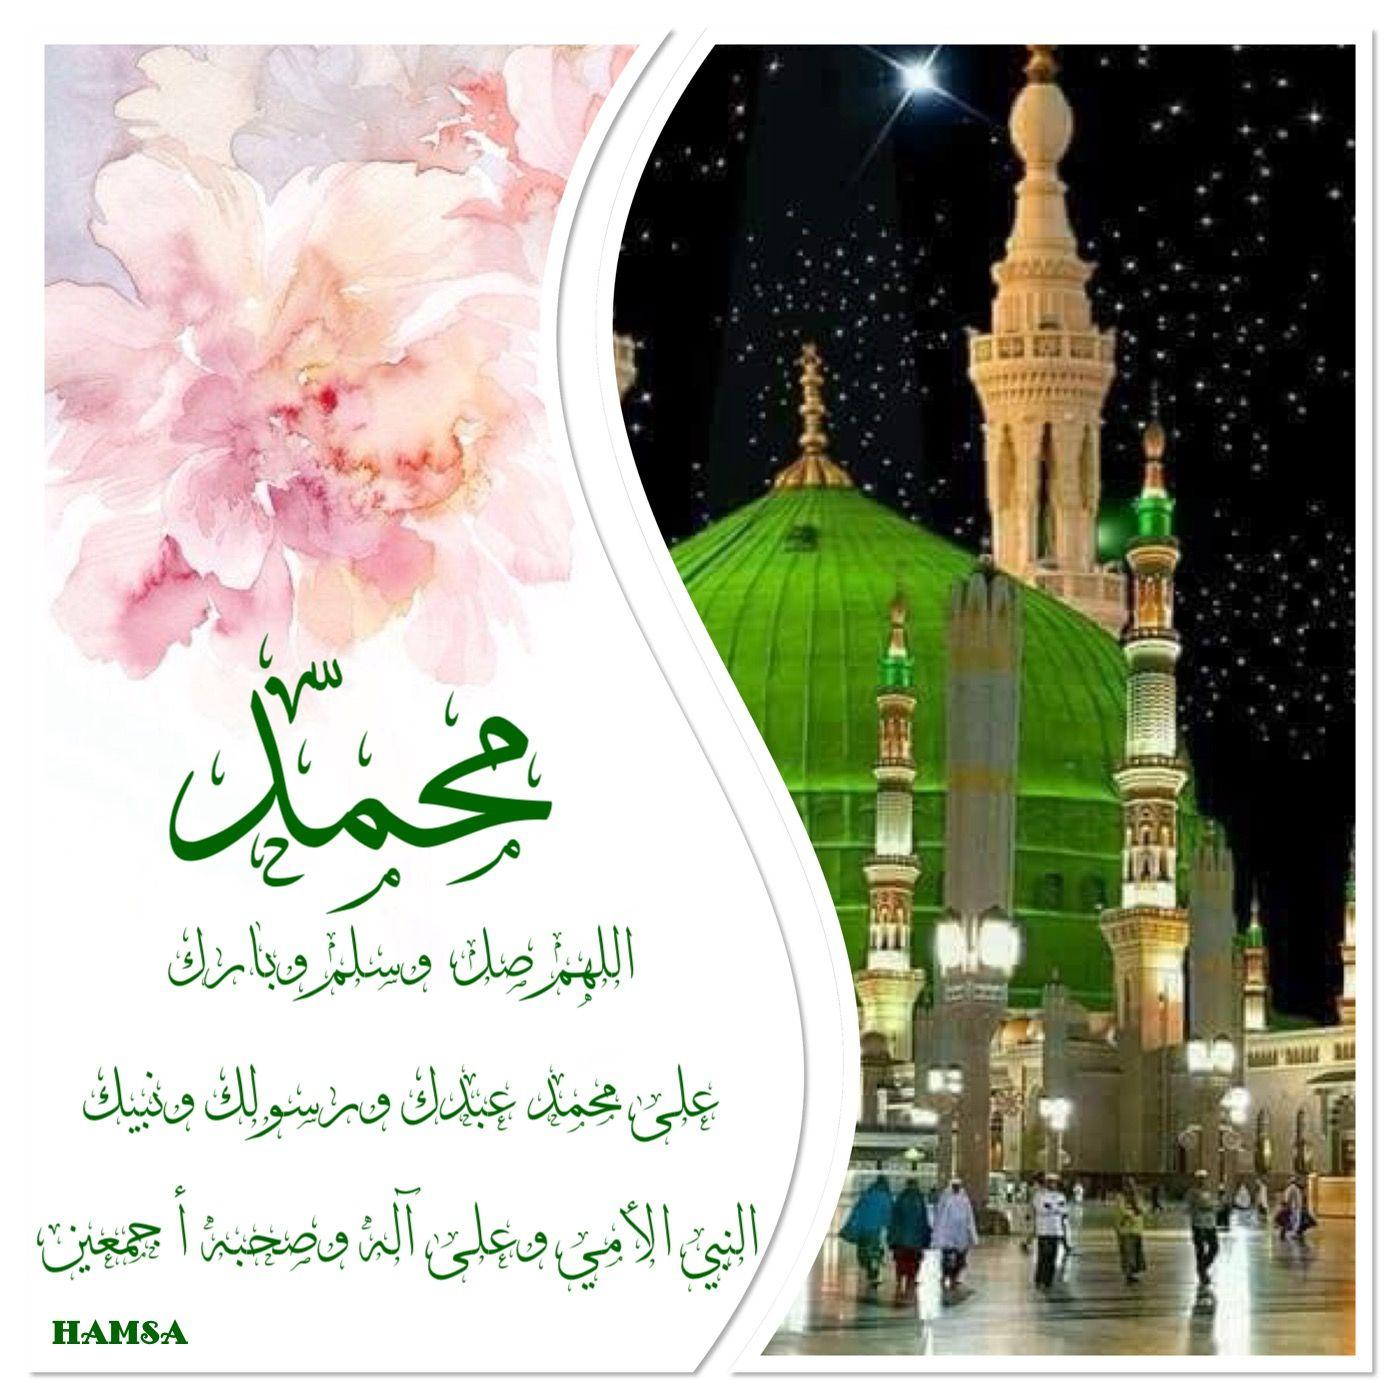 اللهم صل وسلم وبارك على سيدنا محمد عبدك ورسولك ونبيك النبي